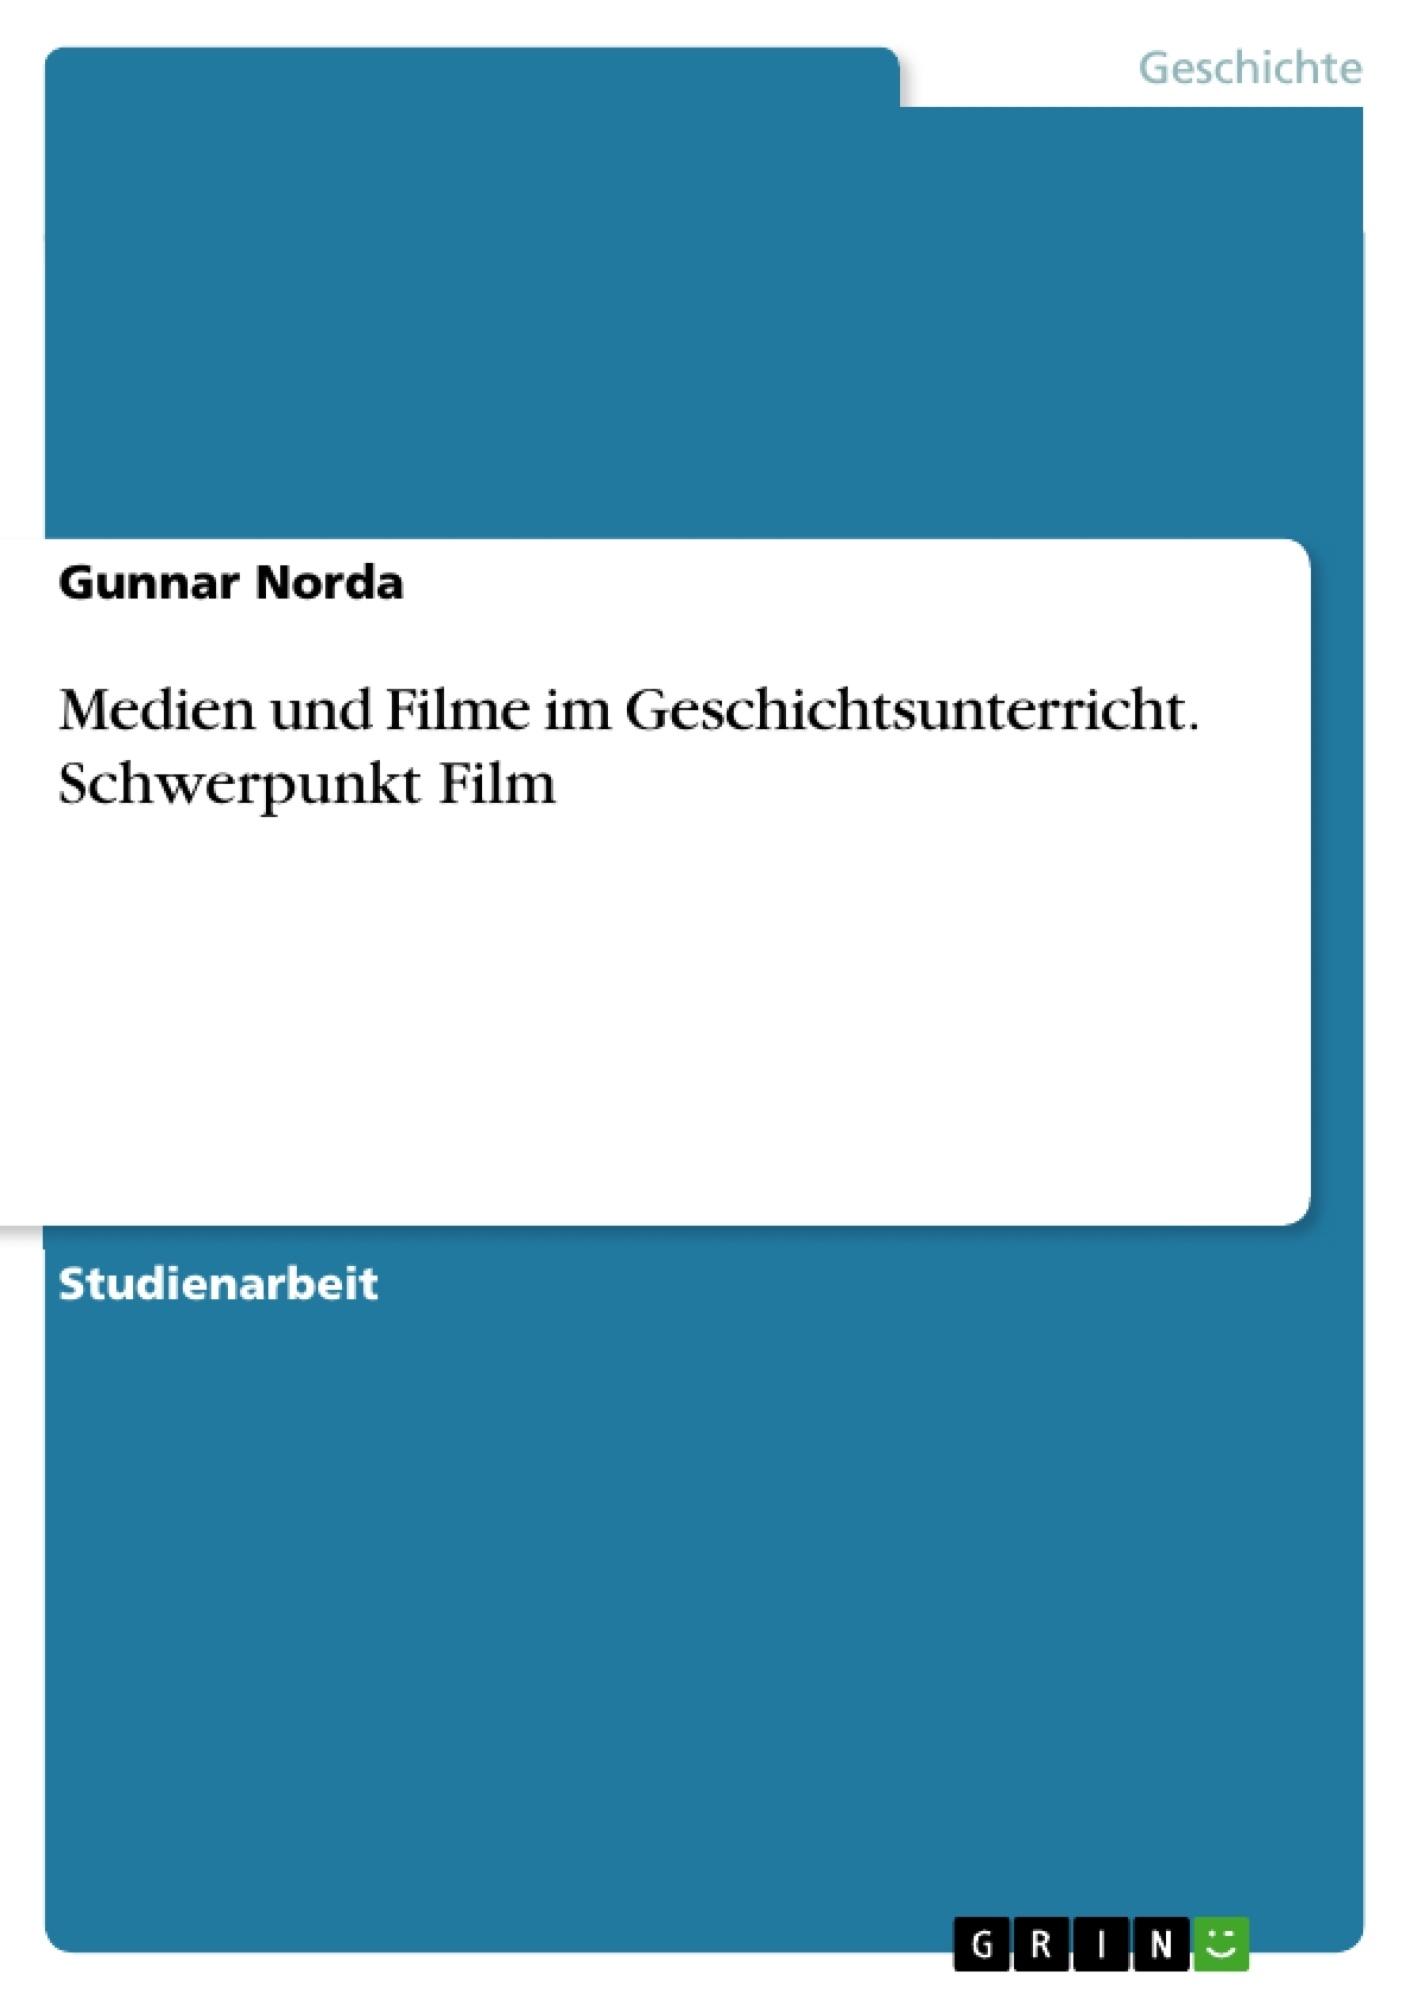 Titel: Medien und Filme im Geschichtsunterricht. Schwerpunkt Film